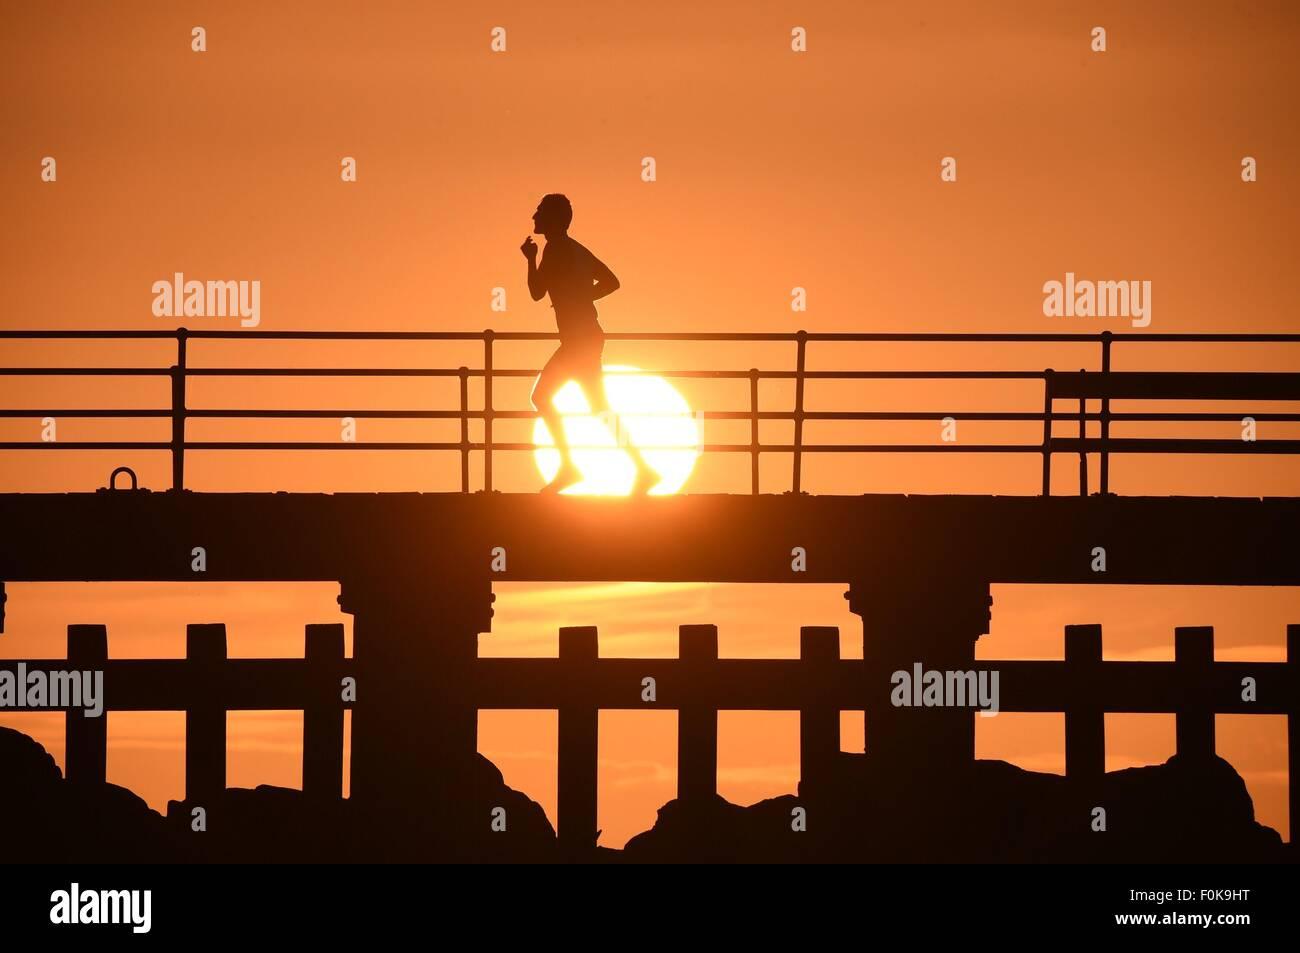 Aberystwyth, Gales, Reino Unido. 17 de agosto de 2015. El clima del REINO UNIDO: Un hombre solitario avanza en silueta Imagen De Stock